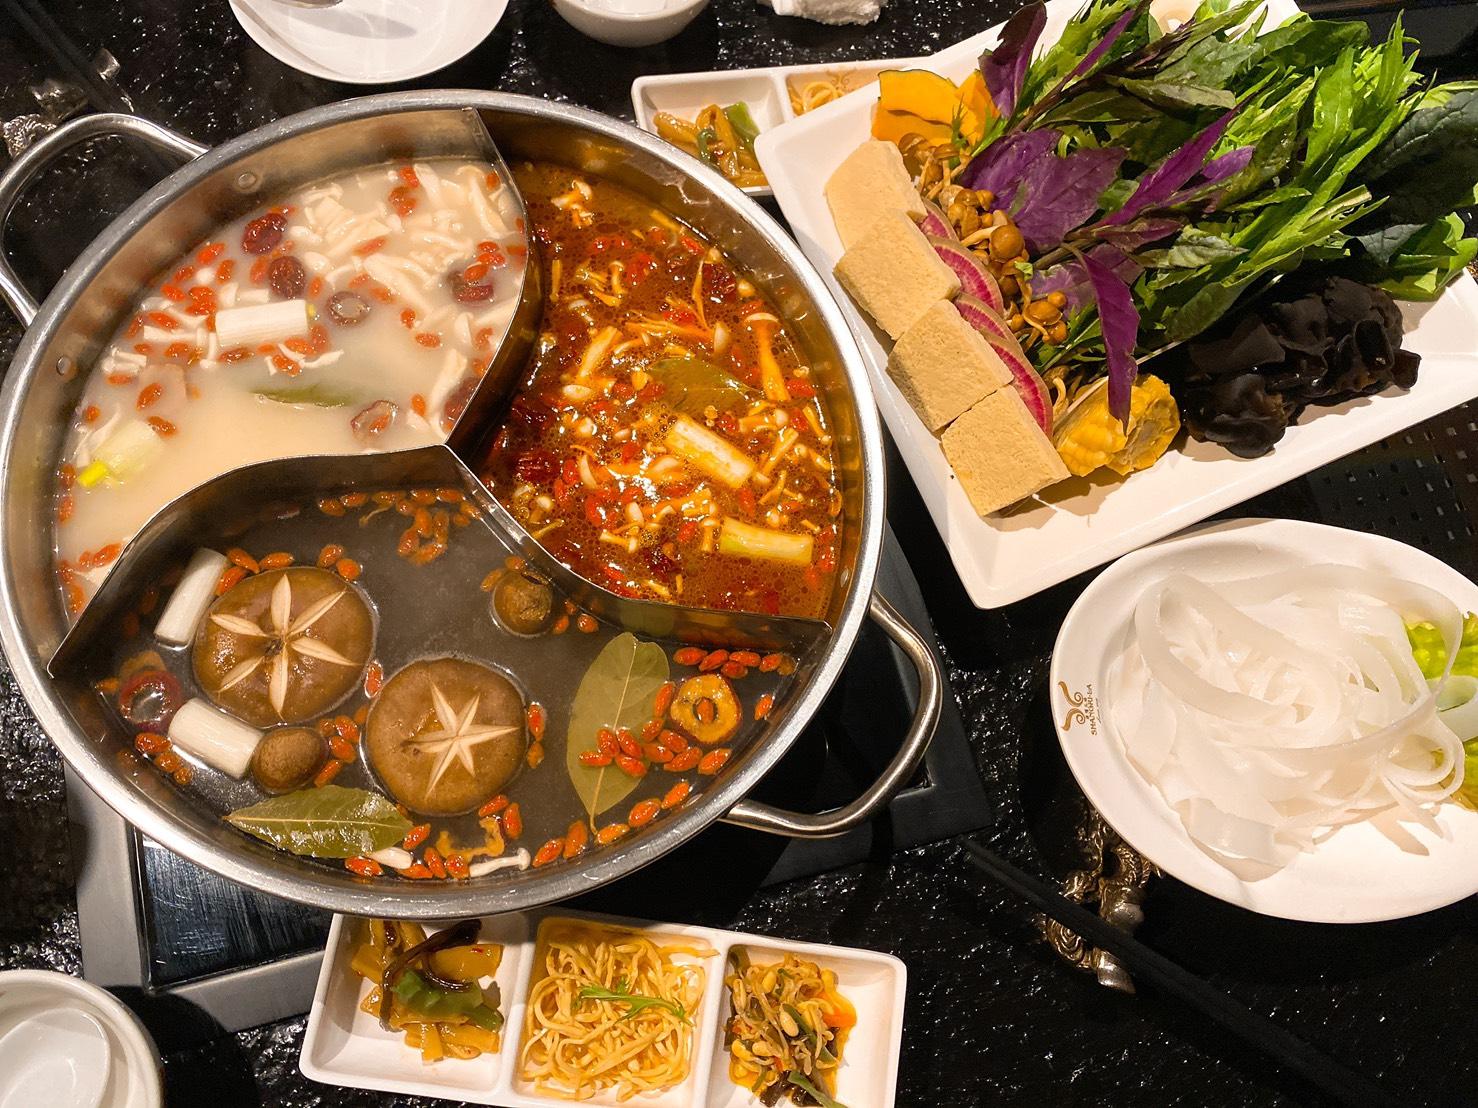 久屋大通|中国の伝統を舌で感じる!美容や健康効果を期待できる薬膳火鍋専門店